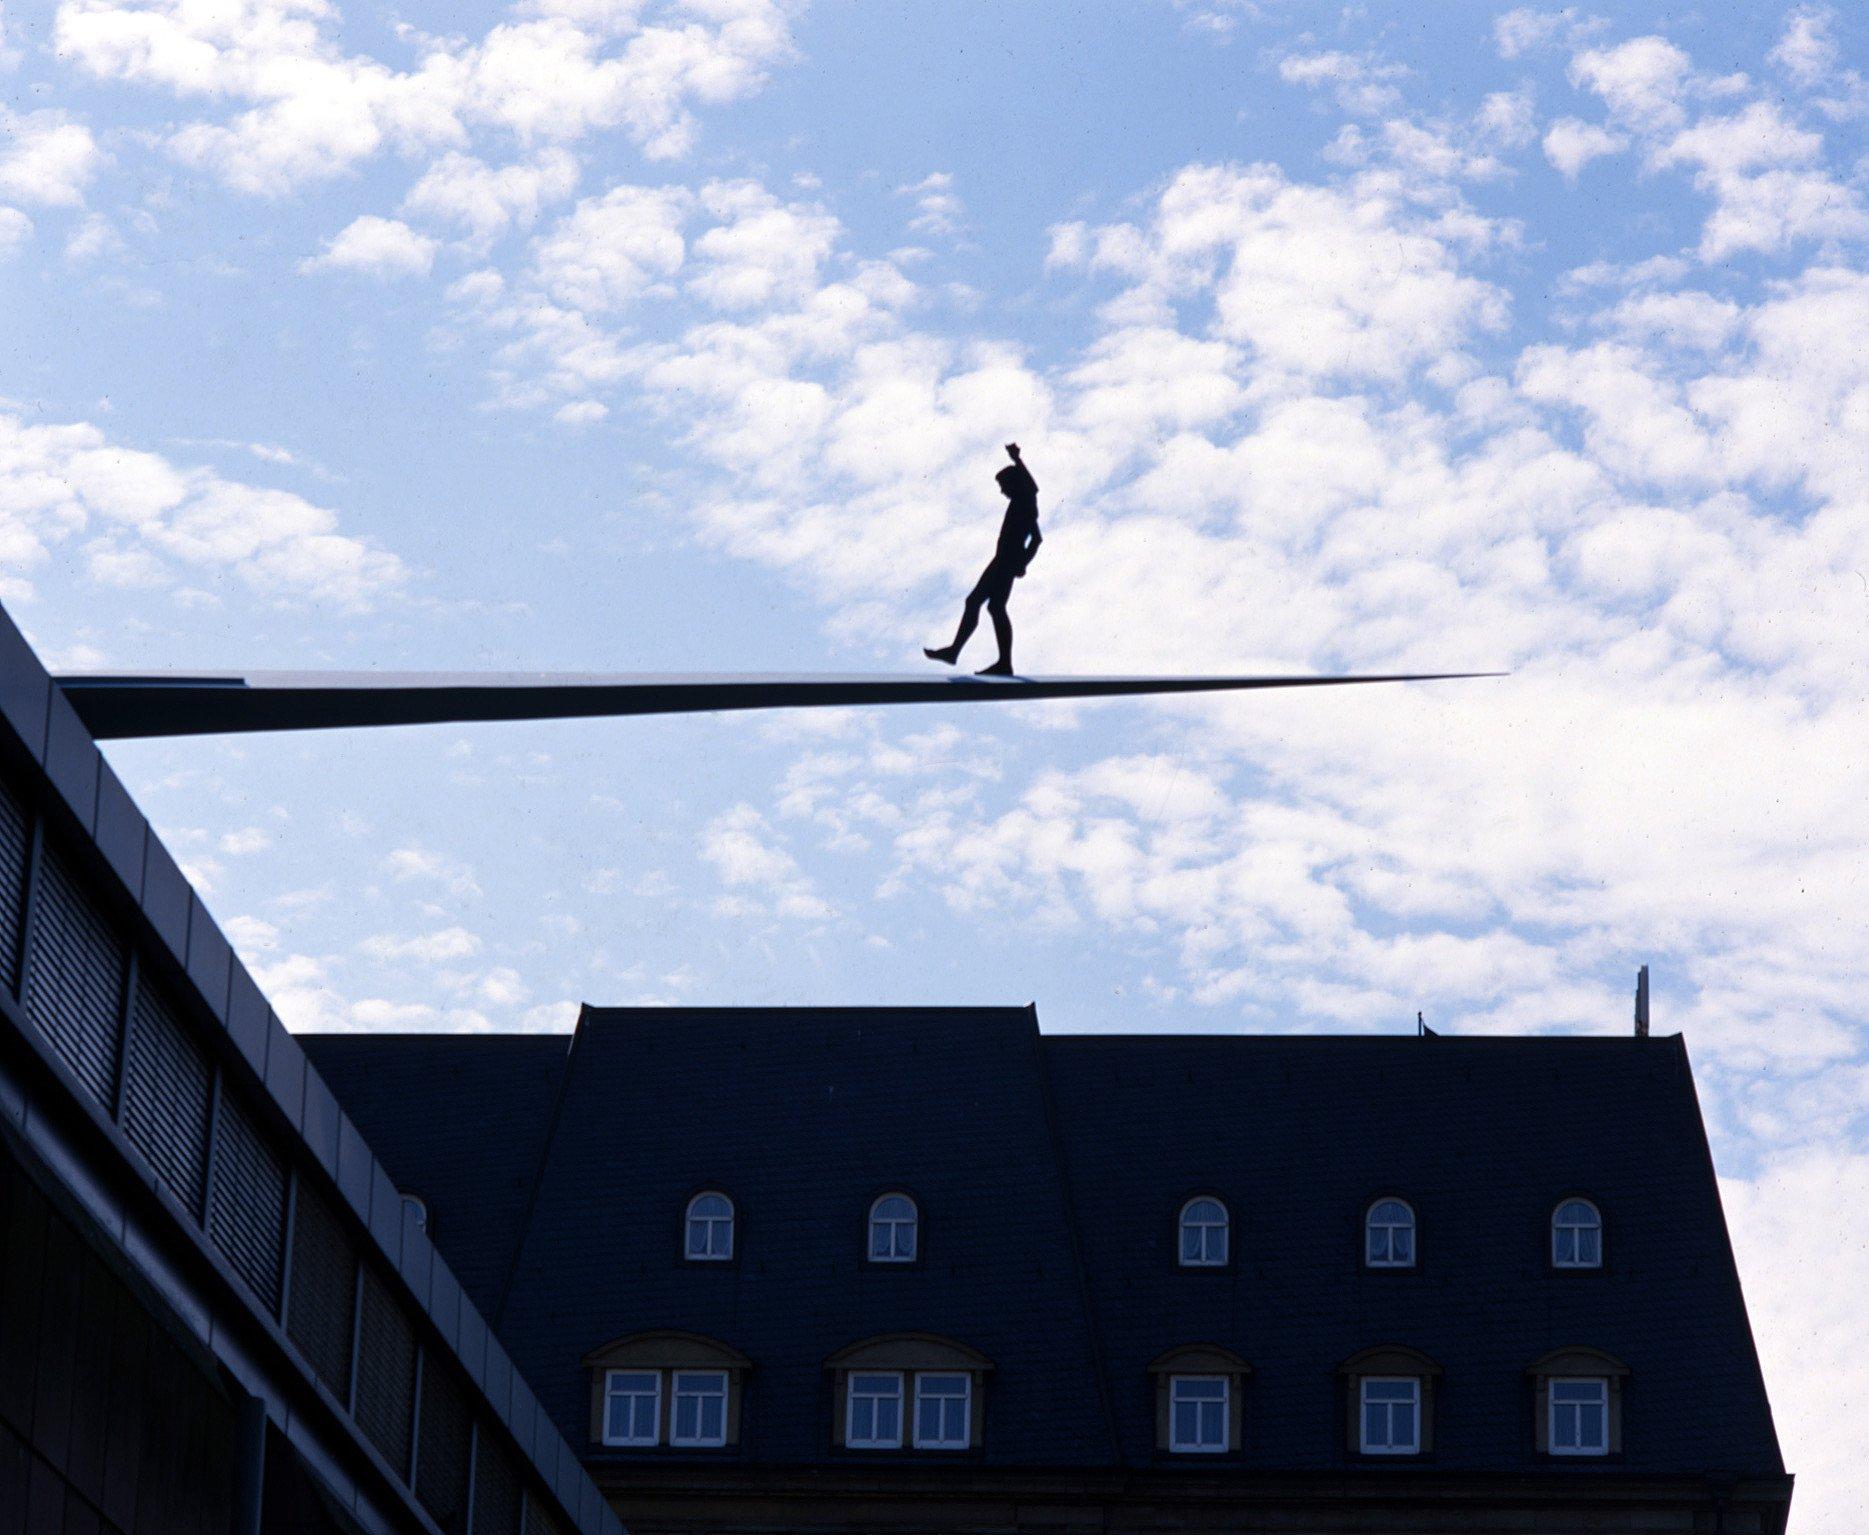 Aus dem Nichts, 1992/93, Aluminium, farbig gefasst; Leihgabe des Förderkreises für die Kunsthalle Mannheim e.V. seit 1993; Geschenk von Hans Bichelmeier anlässlich seines 60. Geburtstags; © VG Bild-Kunst, Bonn 2015